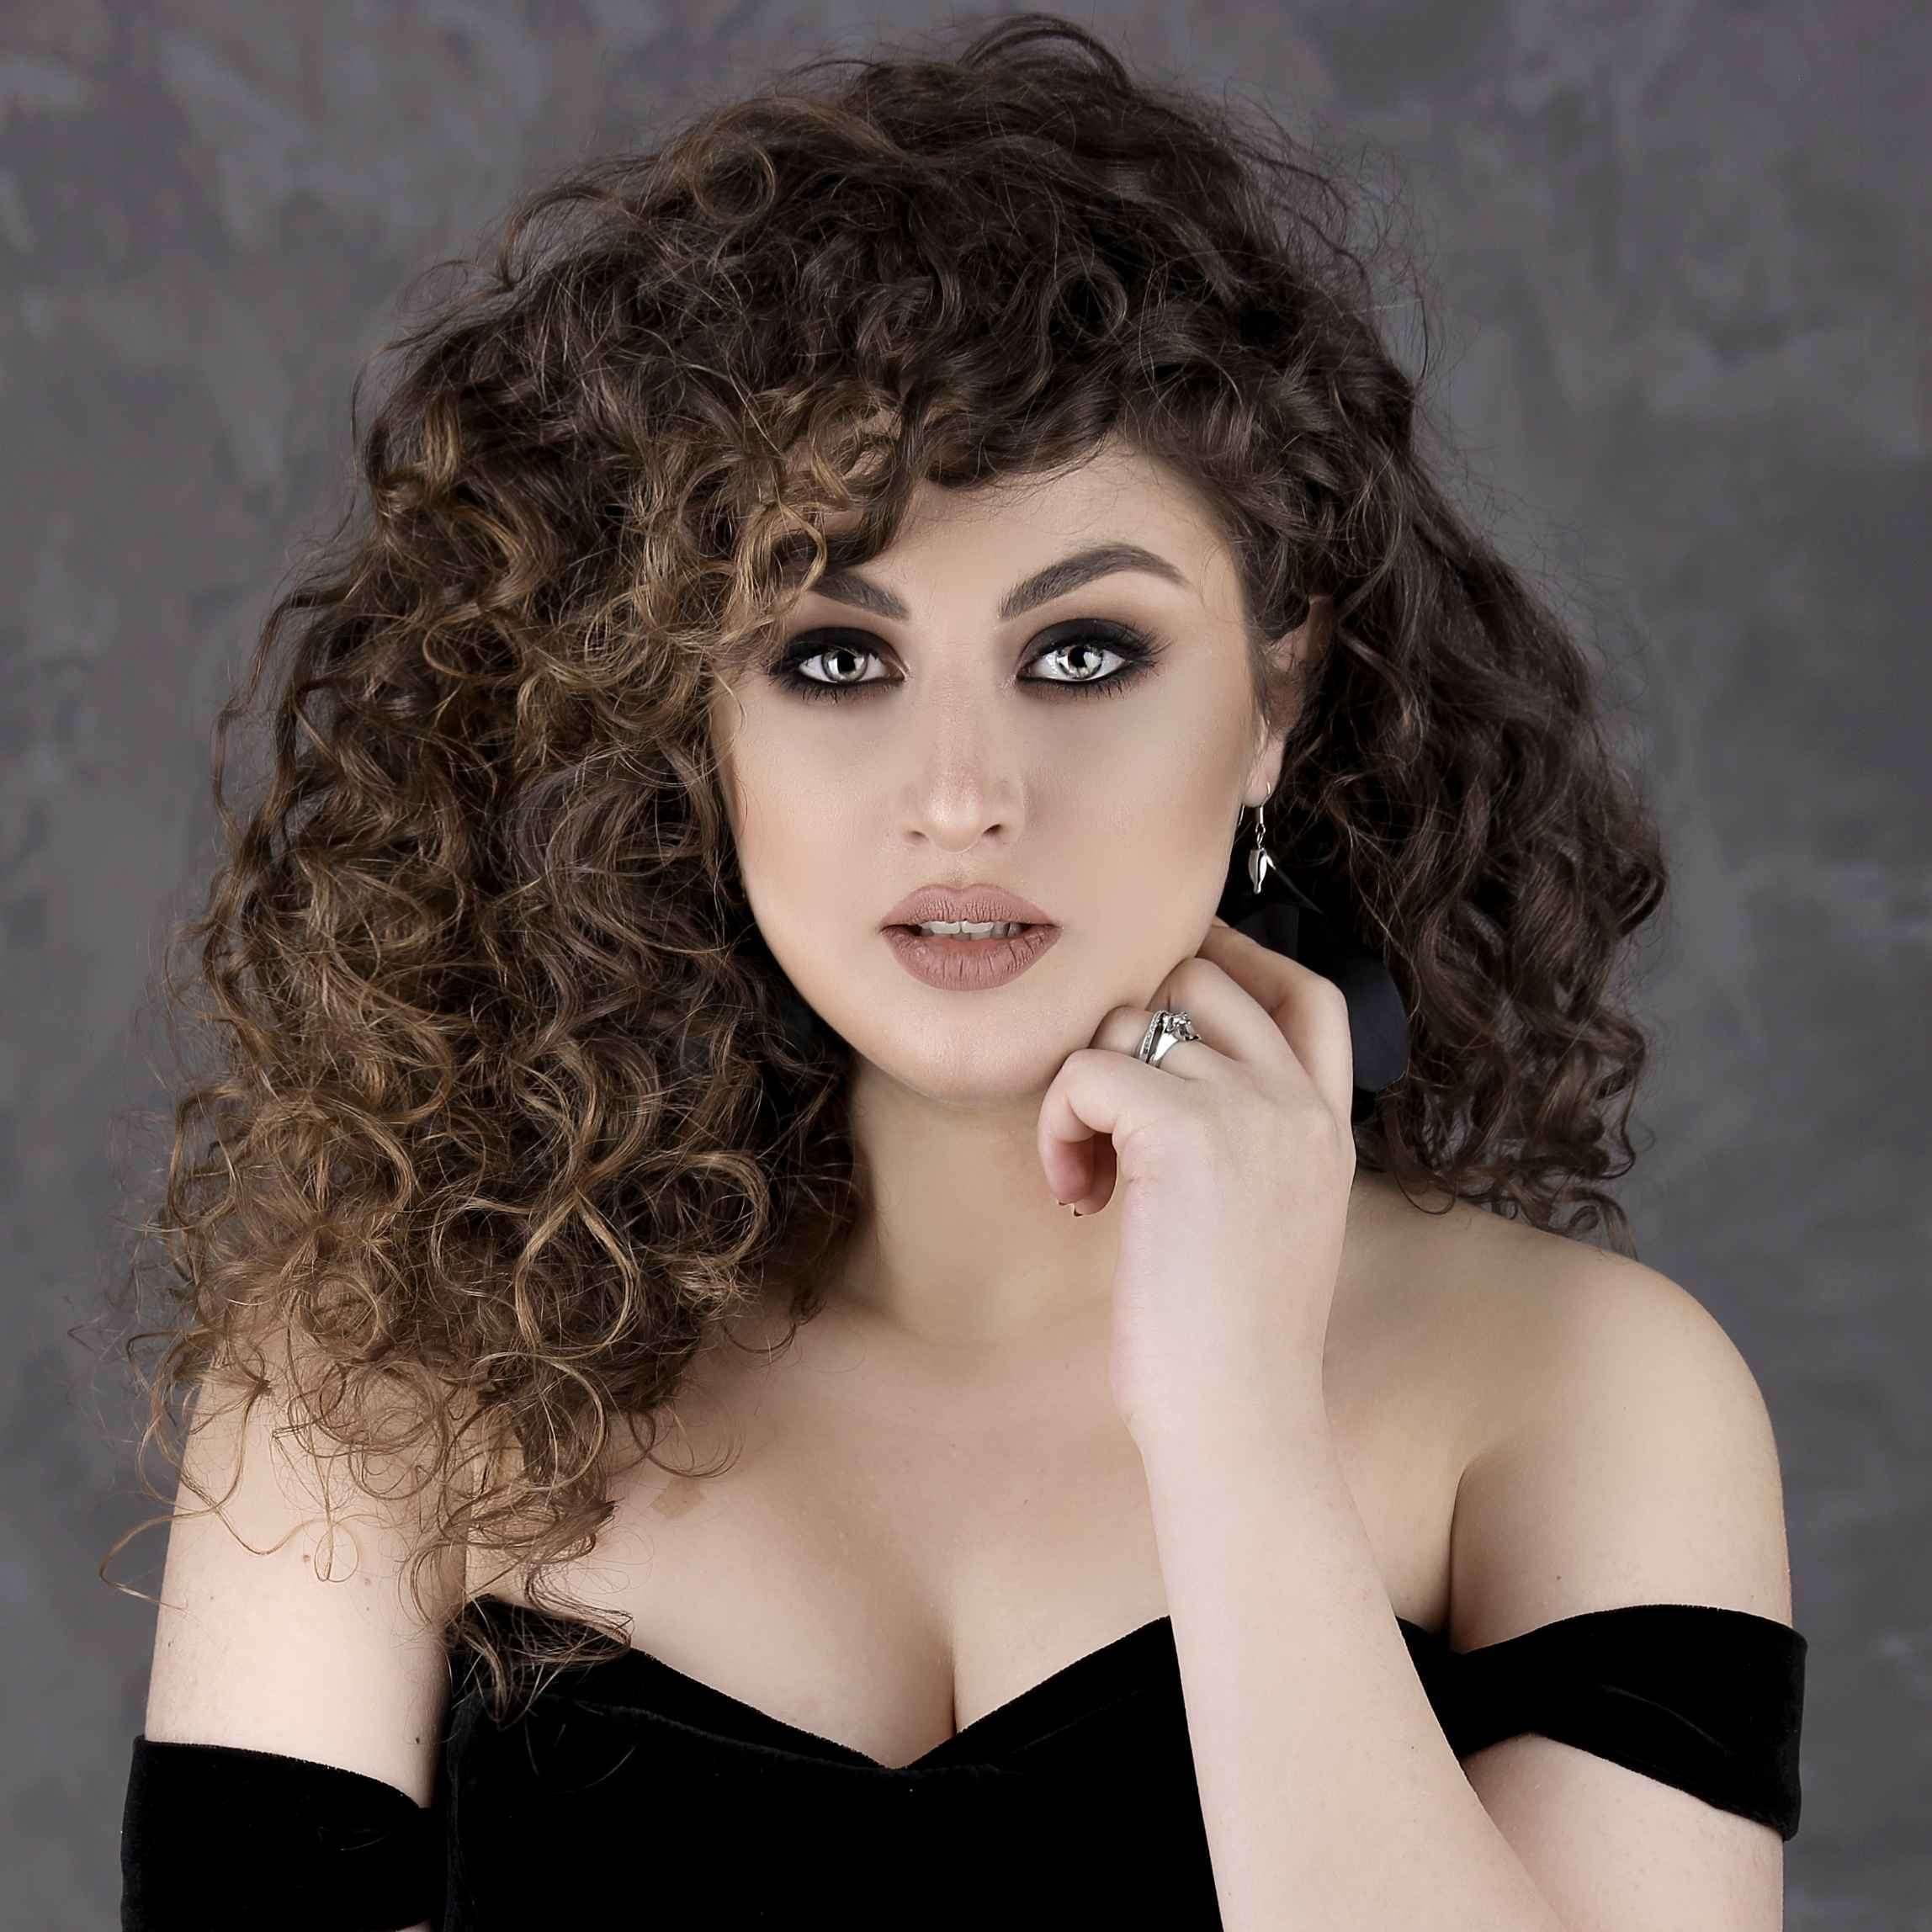 Anush Hovhannisyan - Profile picture